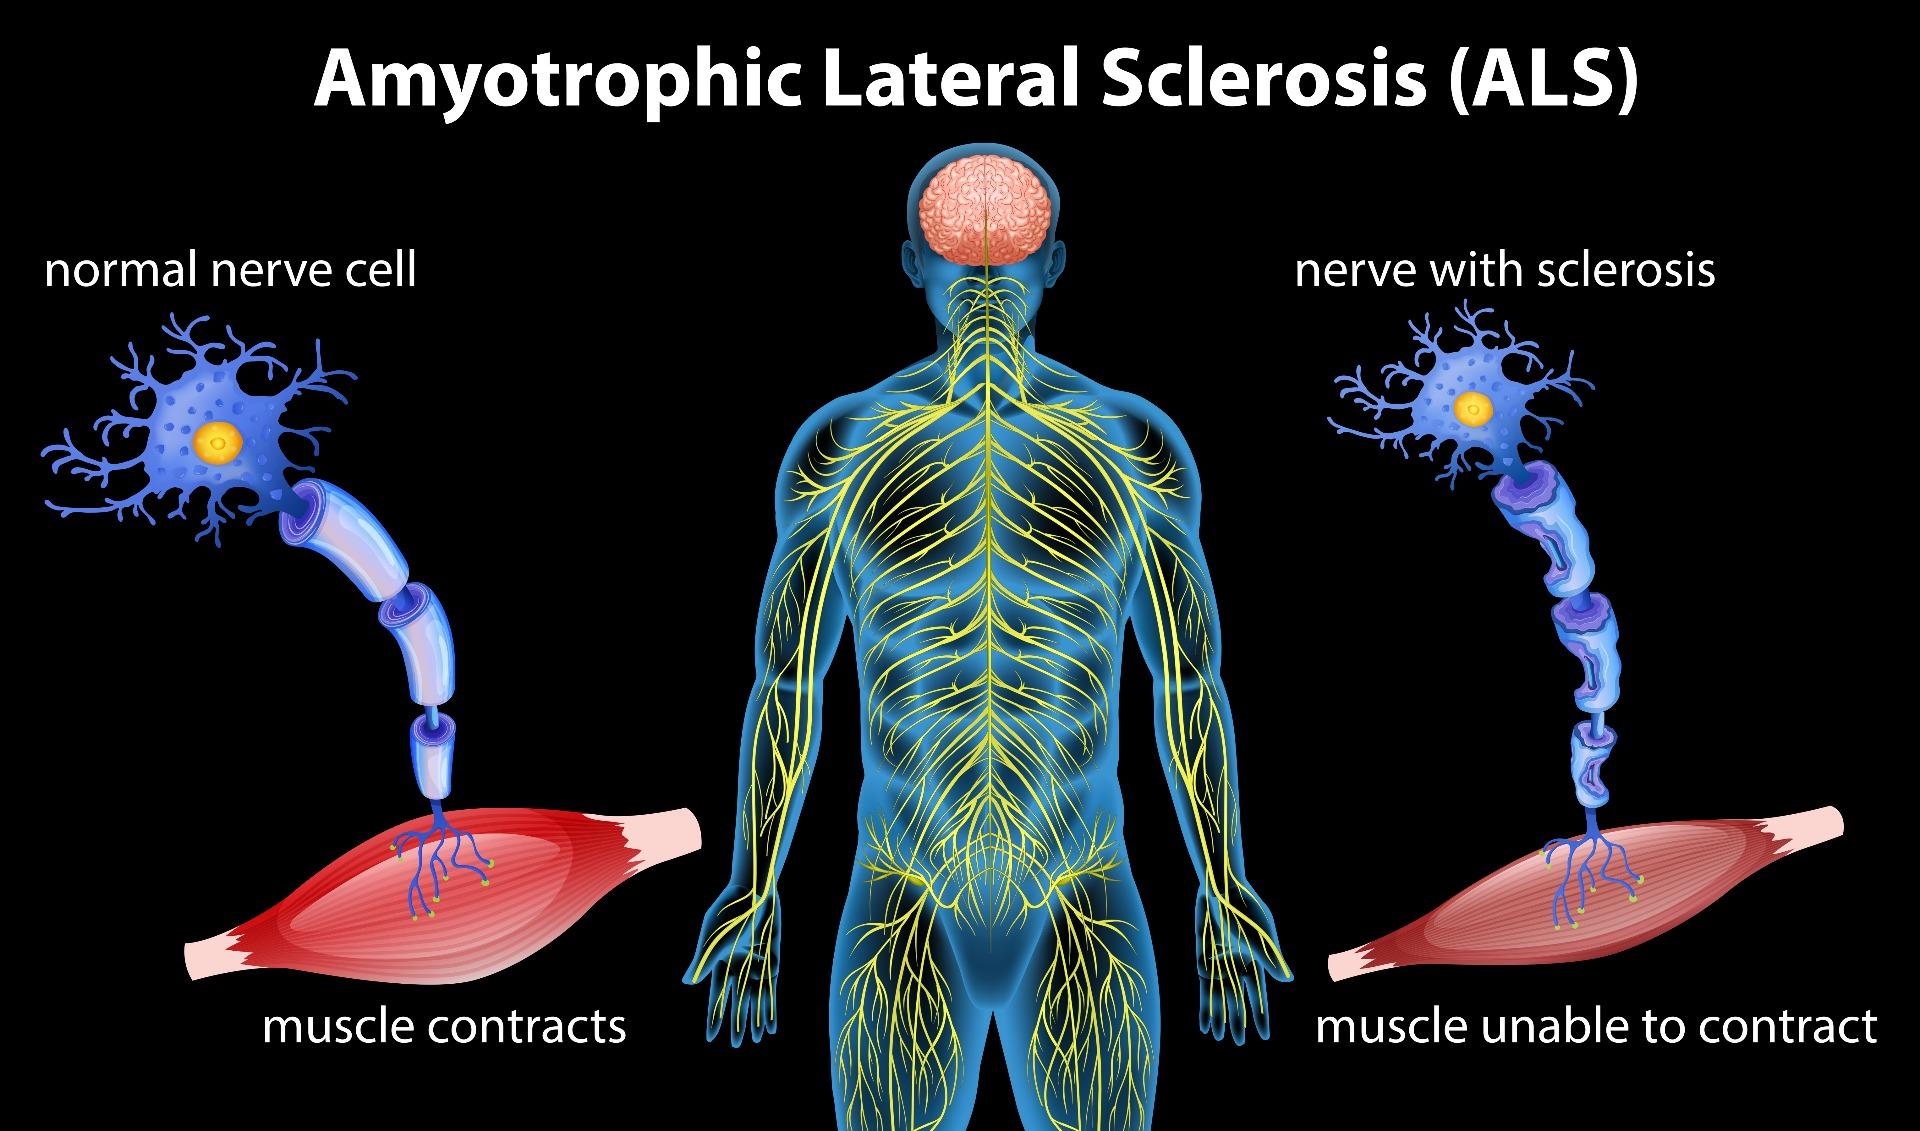 ALS nerve diagram